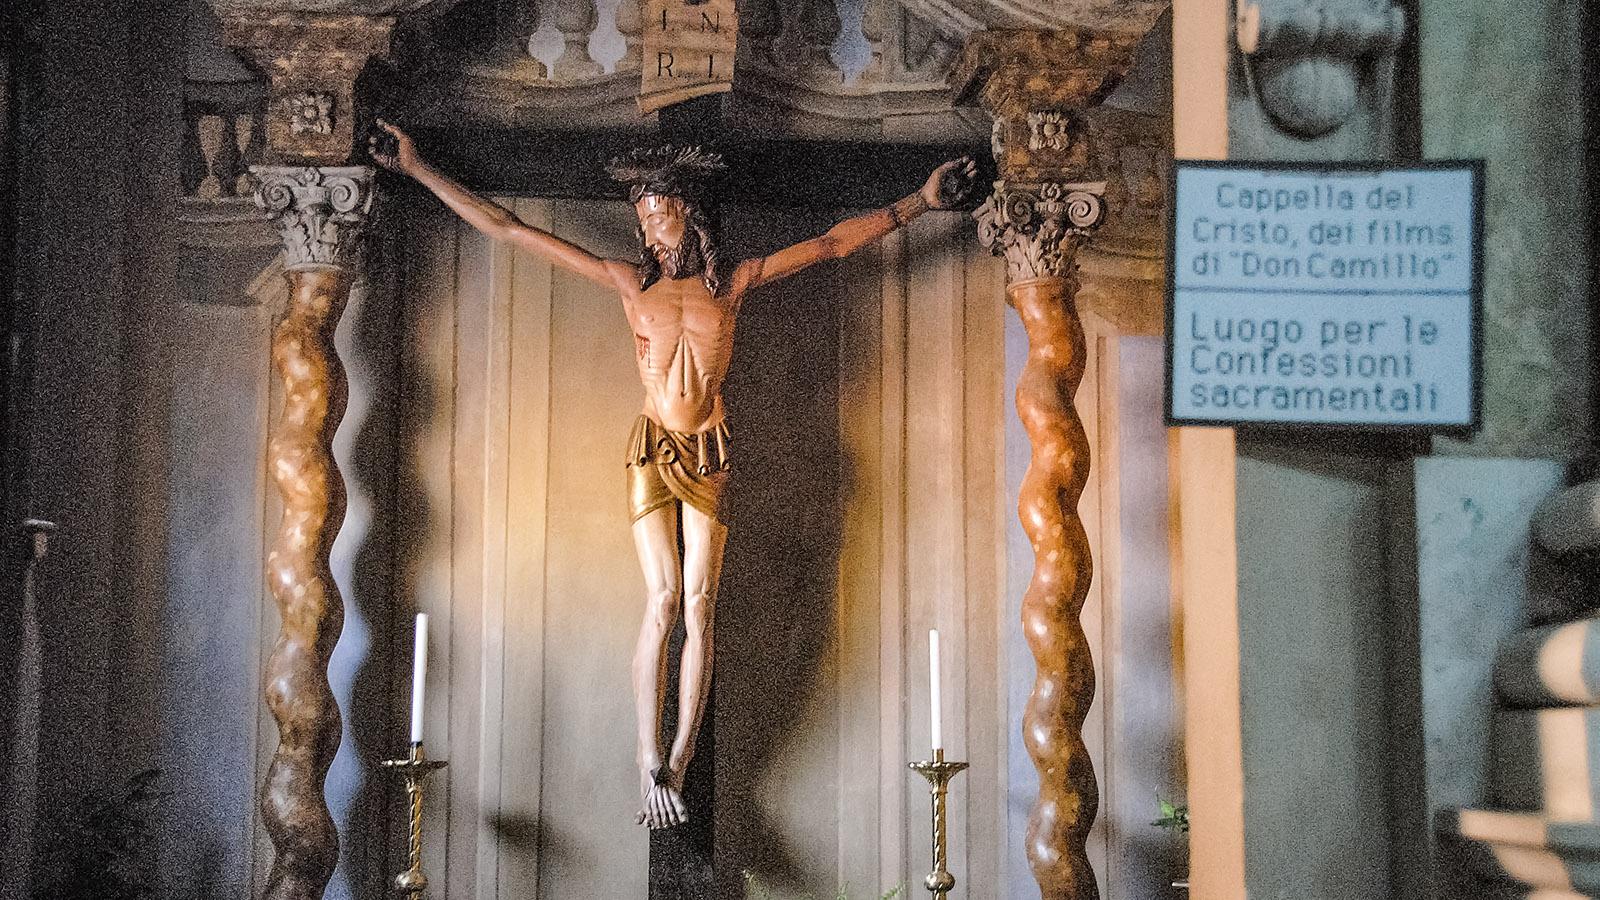 Der Christus aus den Filmen - ihr findet ihn in der Pfarrkirche von Brescello. Foto: Hilke Maunder